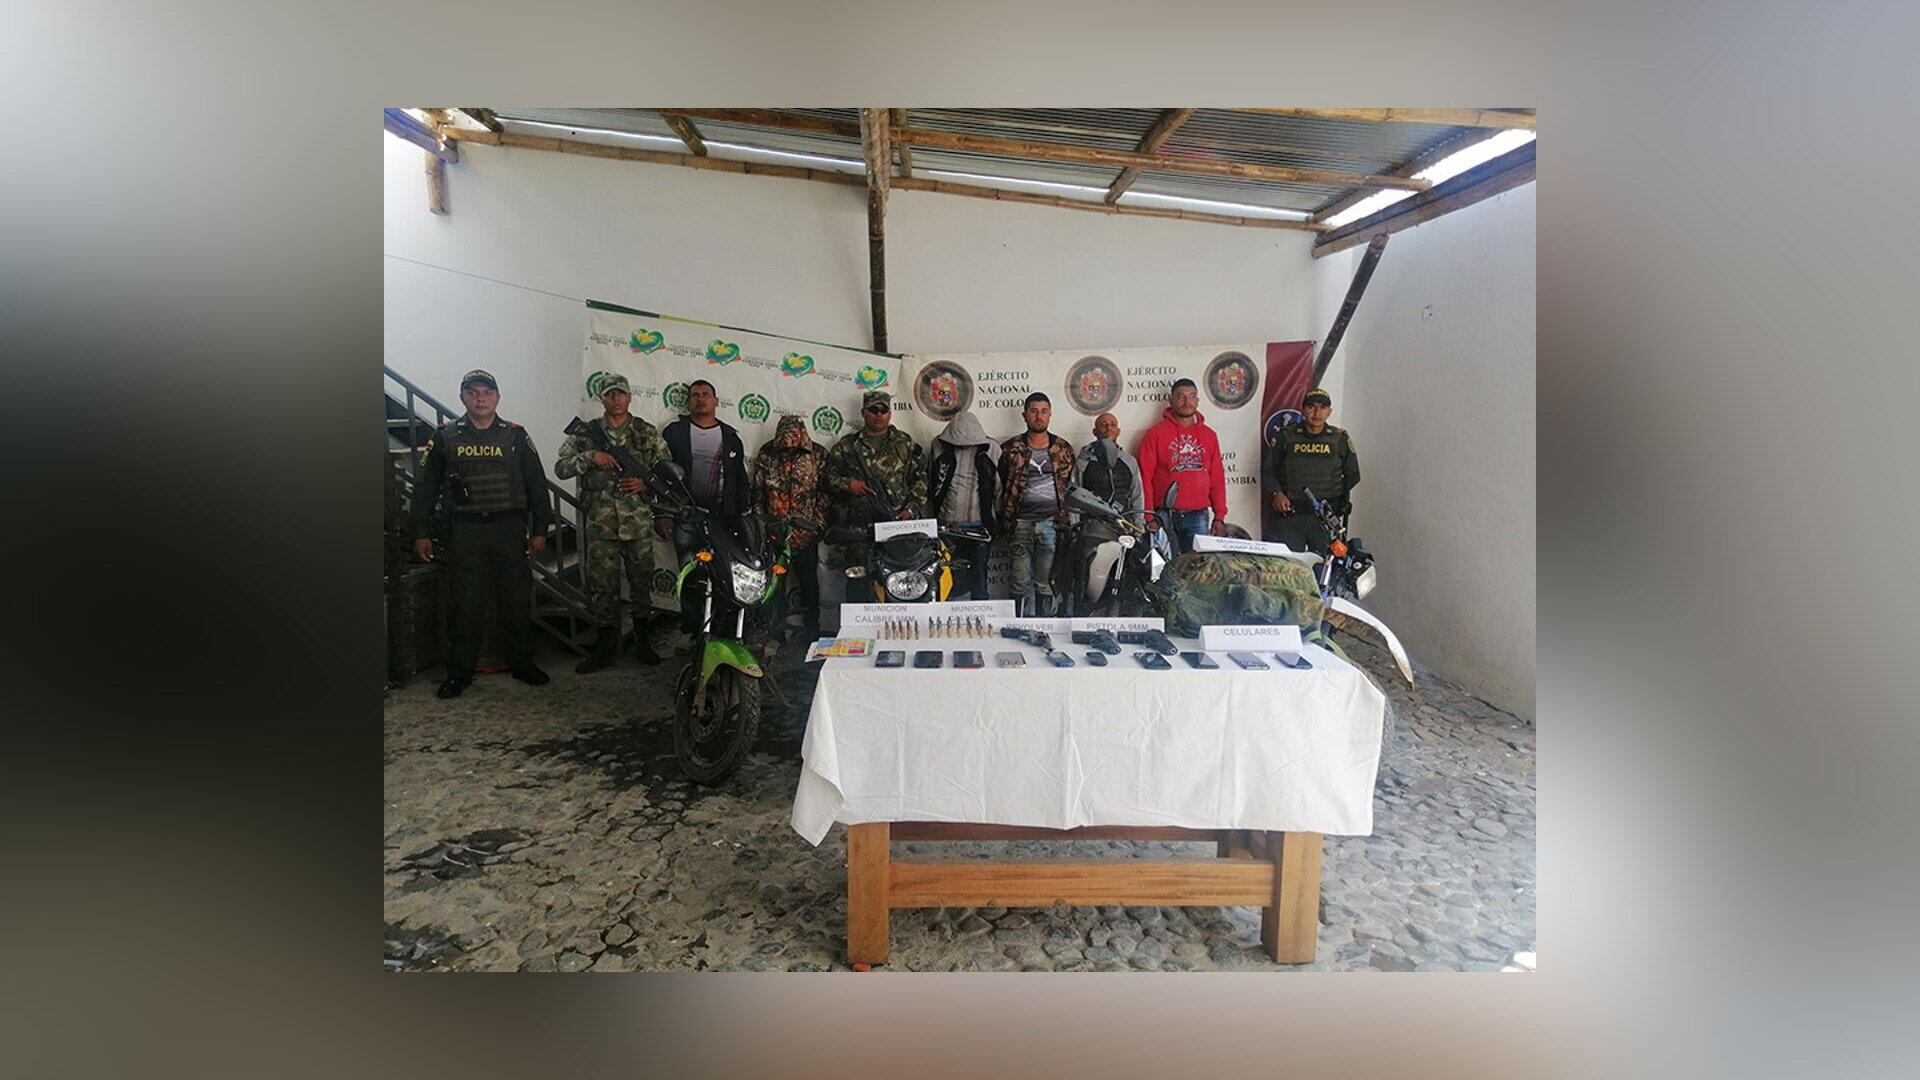 Ejército realizó la captura de cabecillas del Clan del Golfo